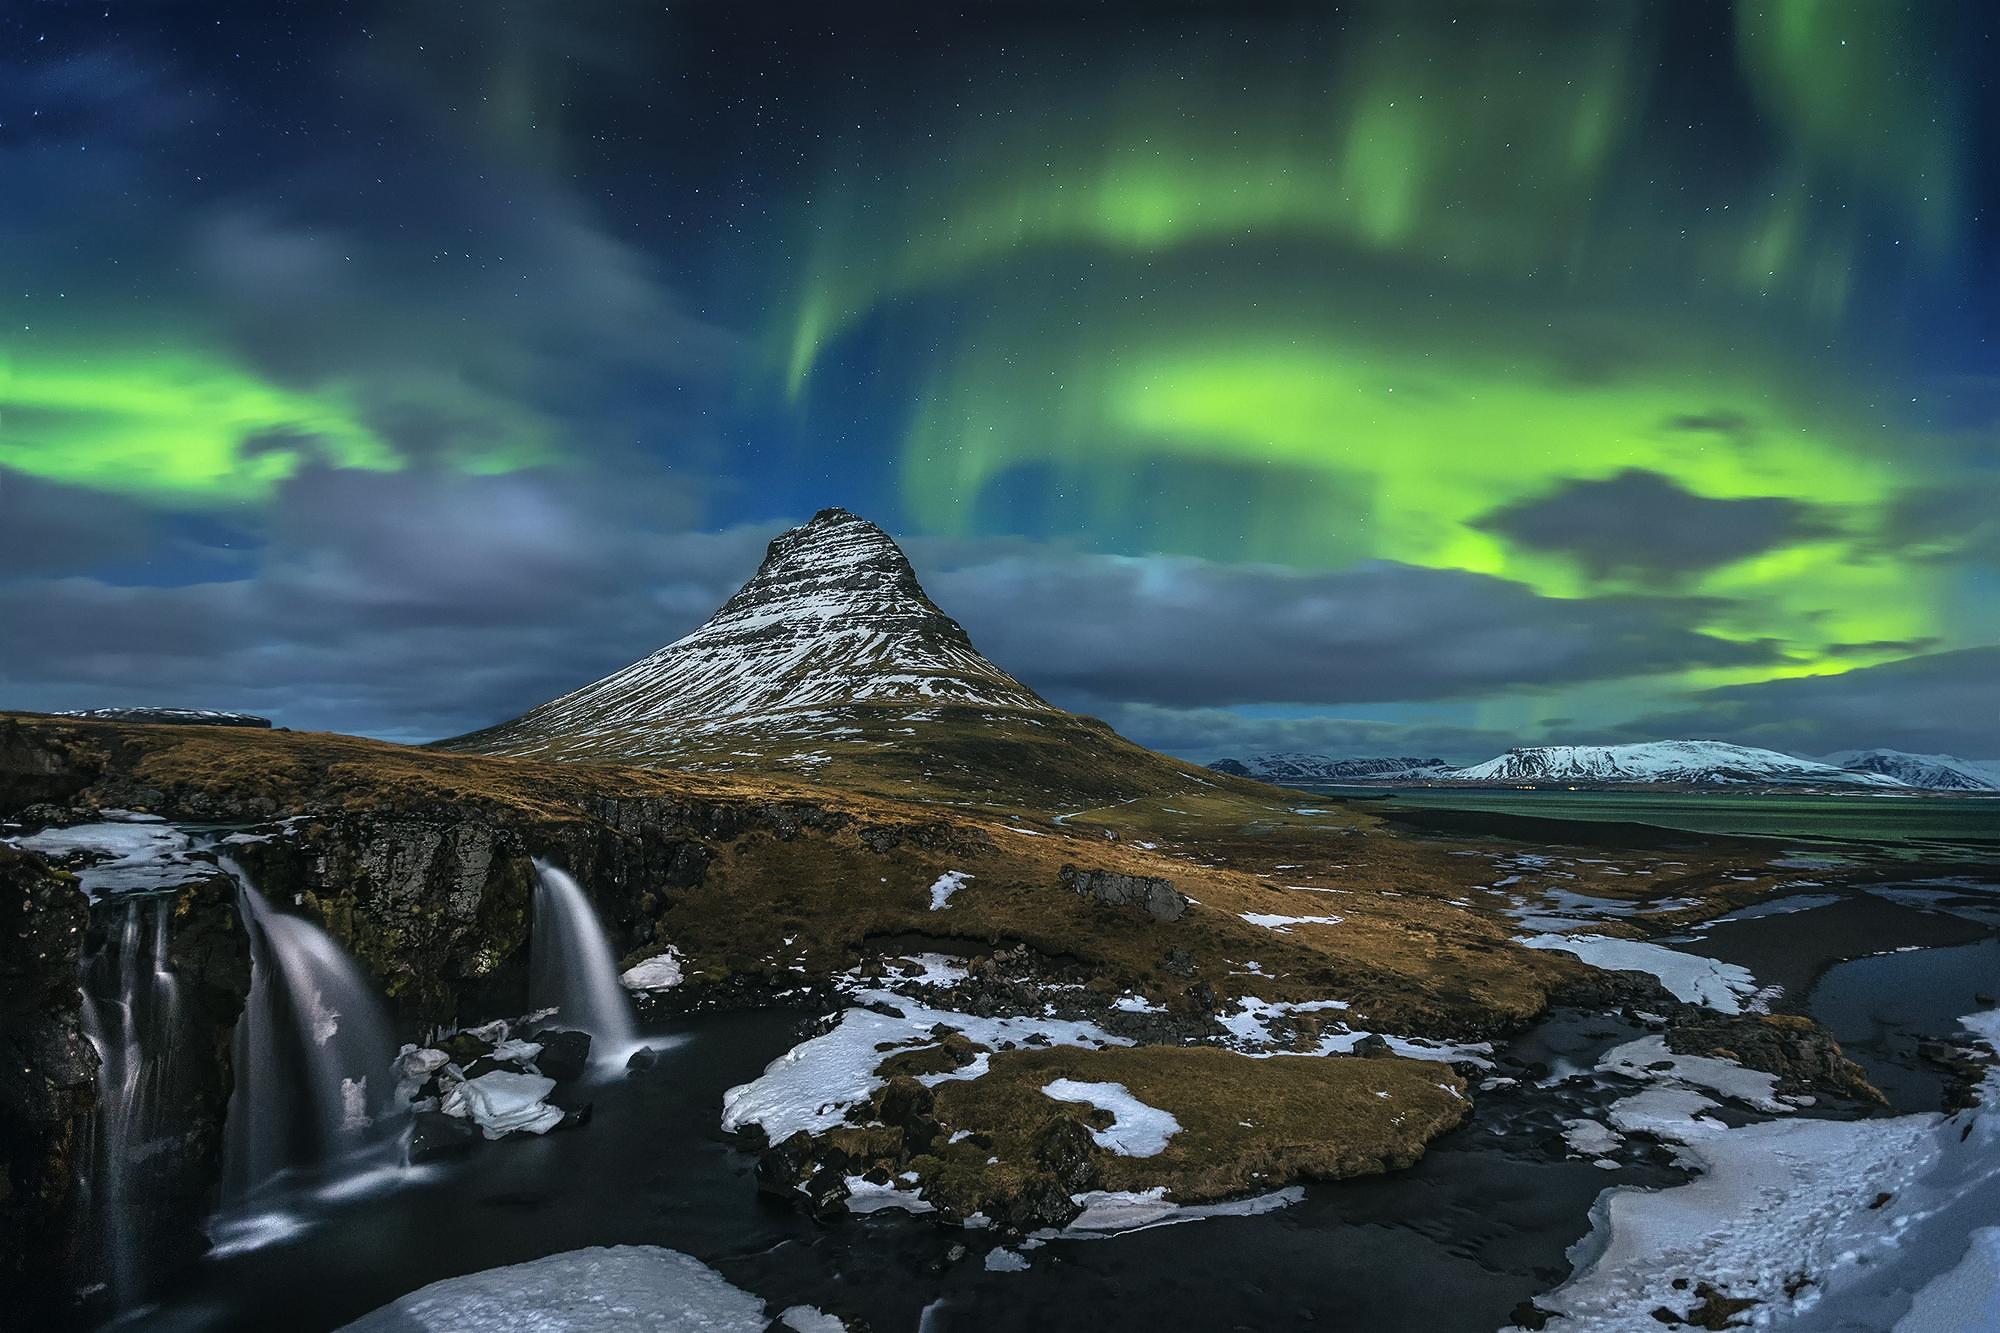 Aurora boreale full hd sfondo and sfondi 2000x1333 id for Aurora boreale sfondo